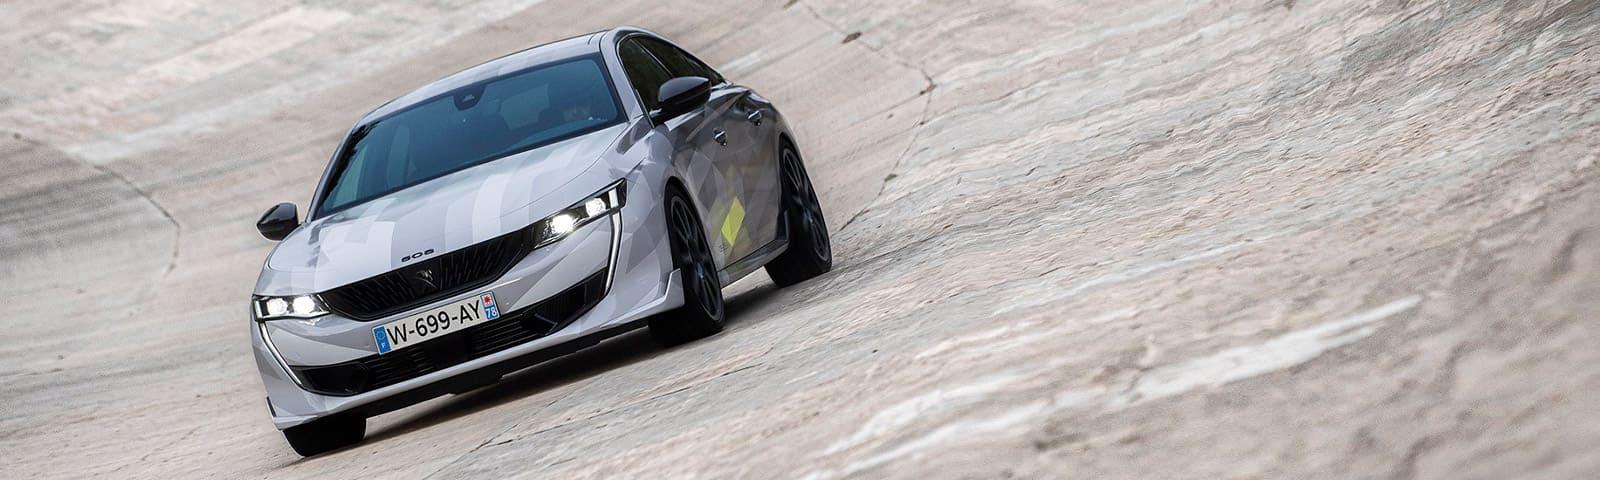 El futuro apasionante del automóvil